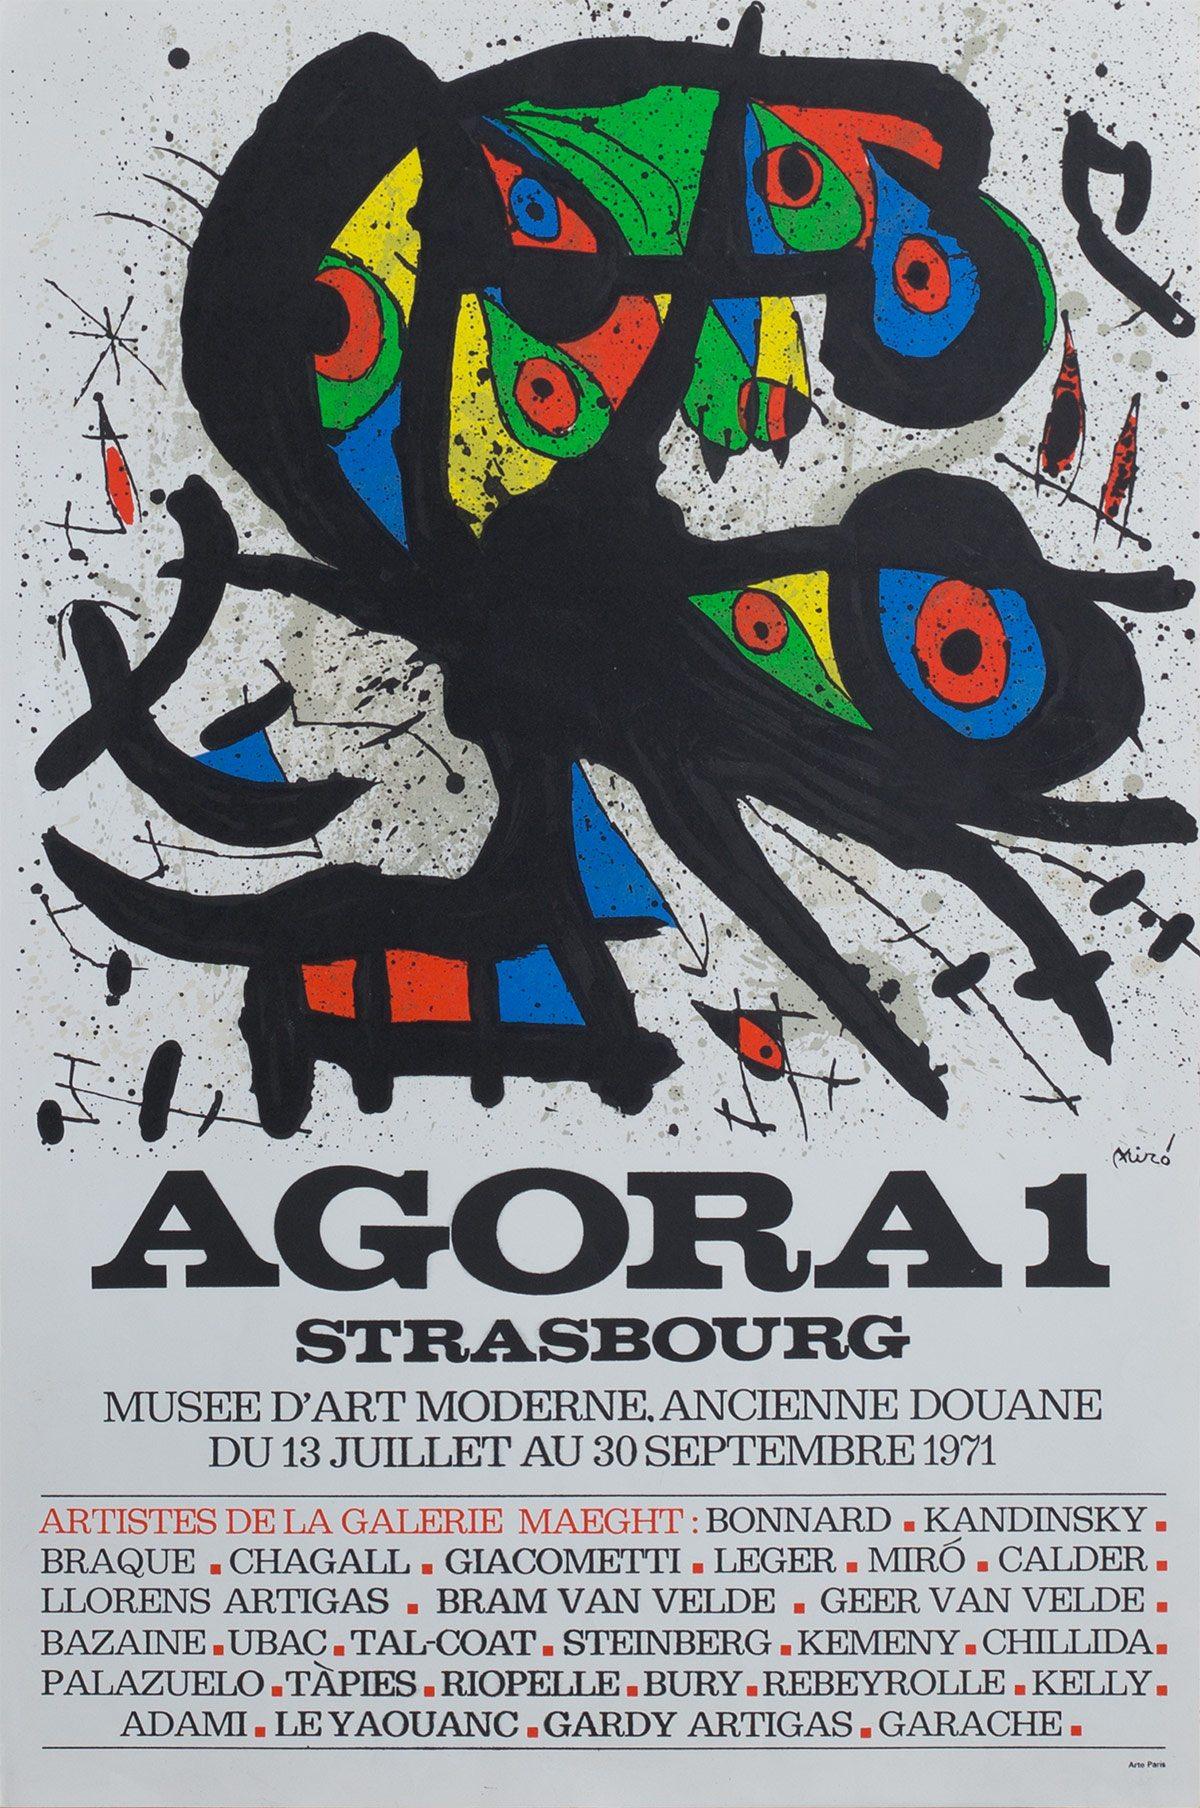 Affiche de l'exposition Agora 1 à Strasbourg. Archives Le Yaouanc. Photo: Luc Delaborde.